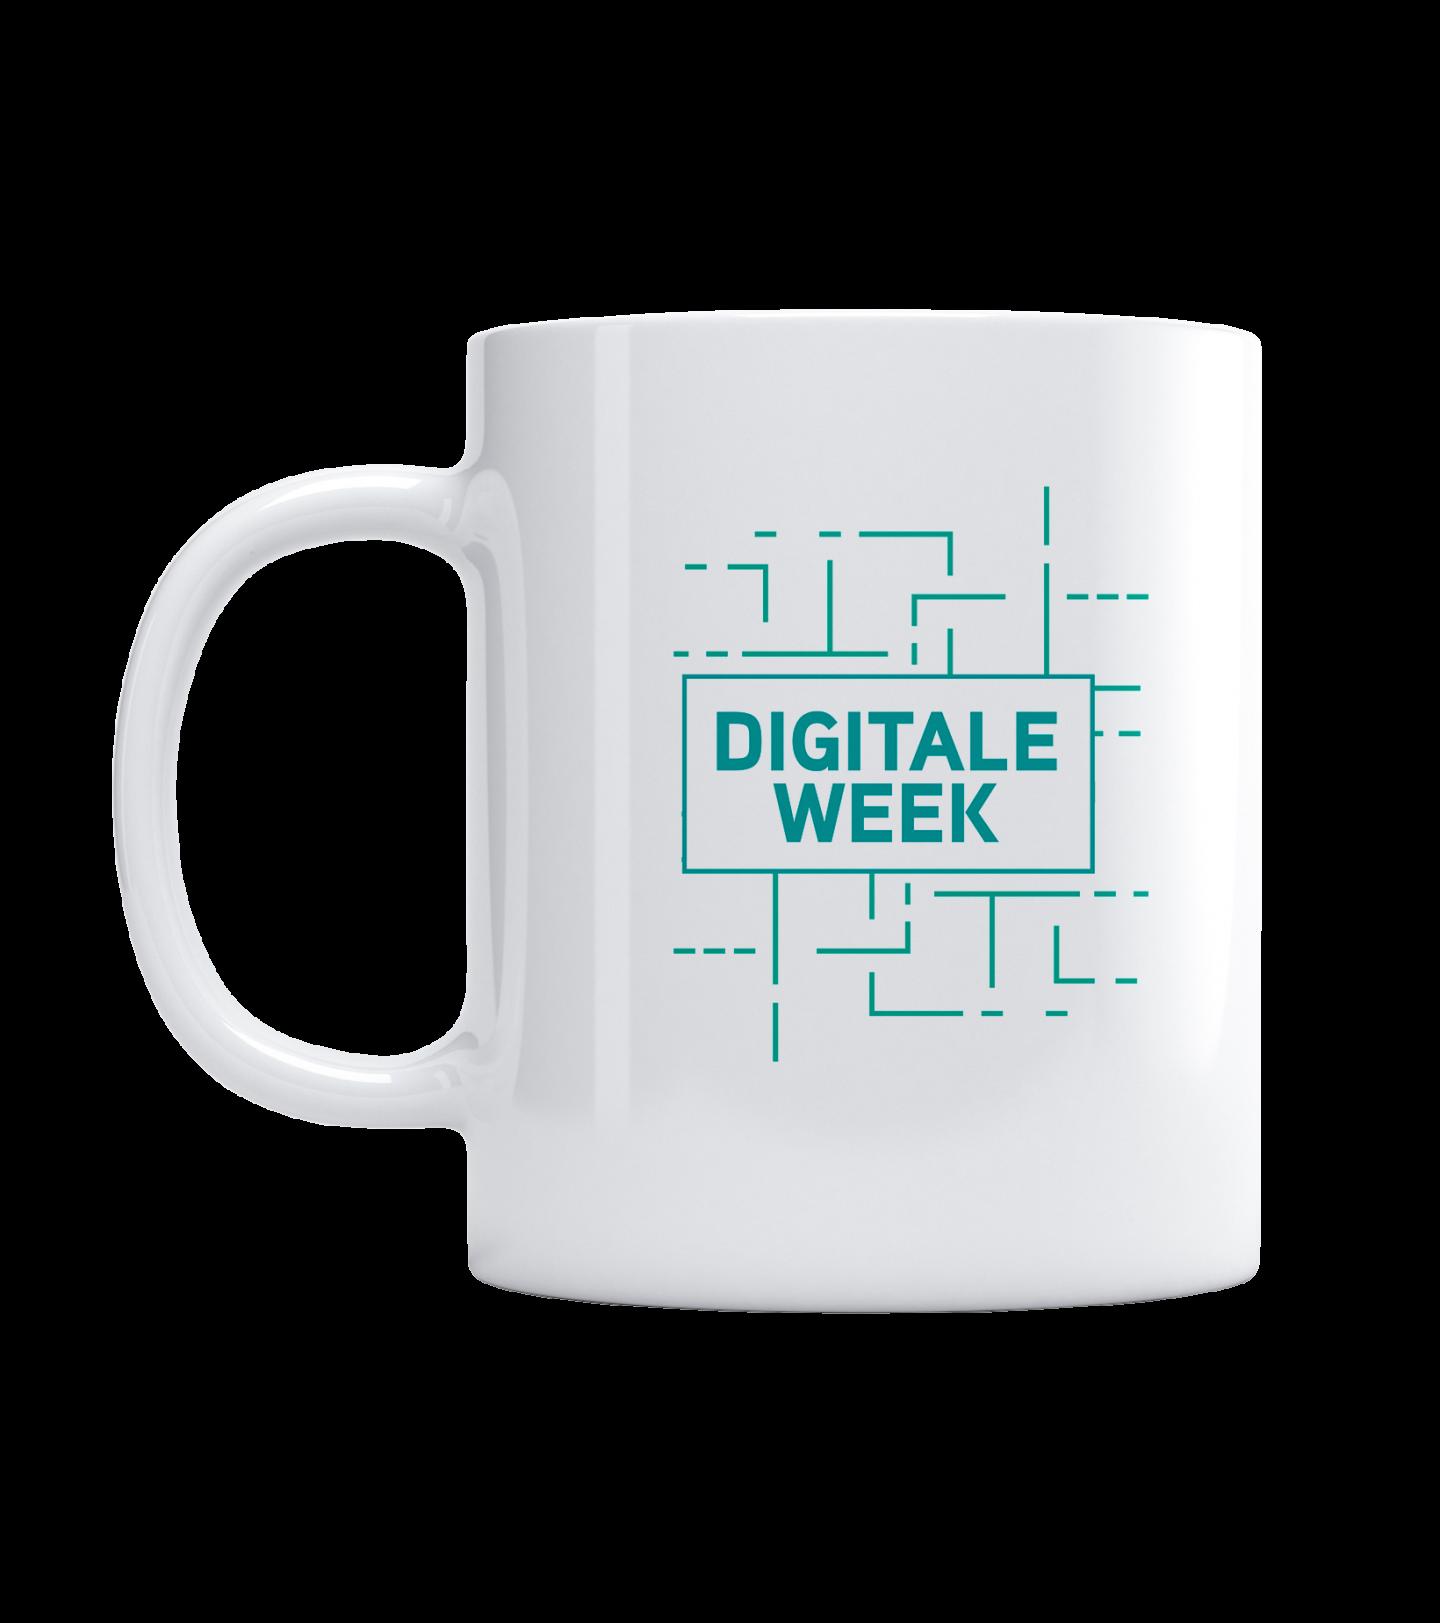 Afbeelding van een mok met het logo van Digitale Week